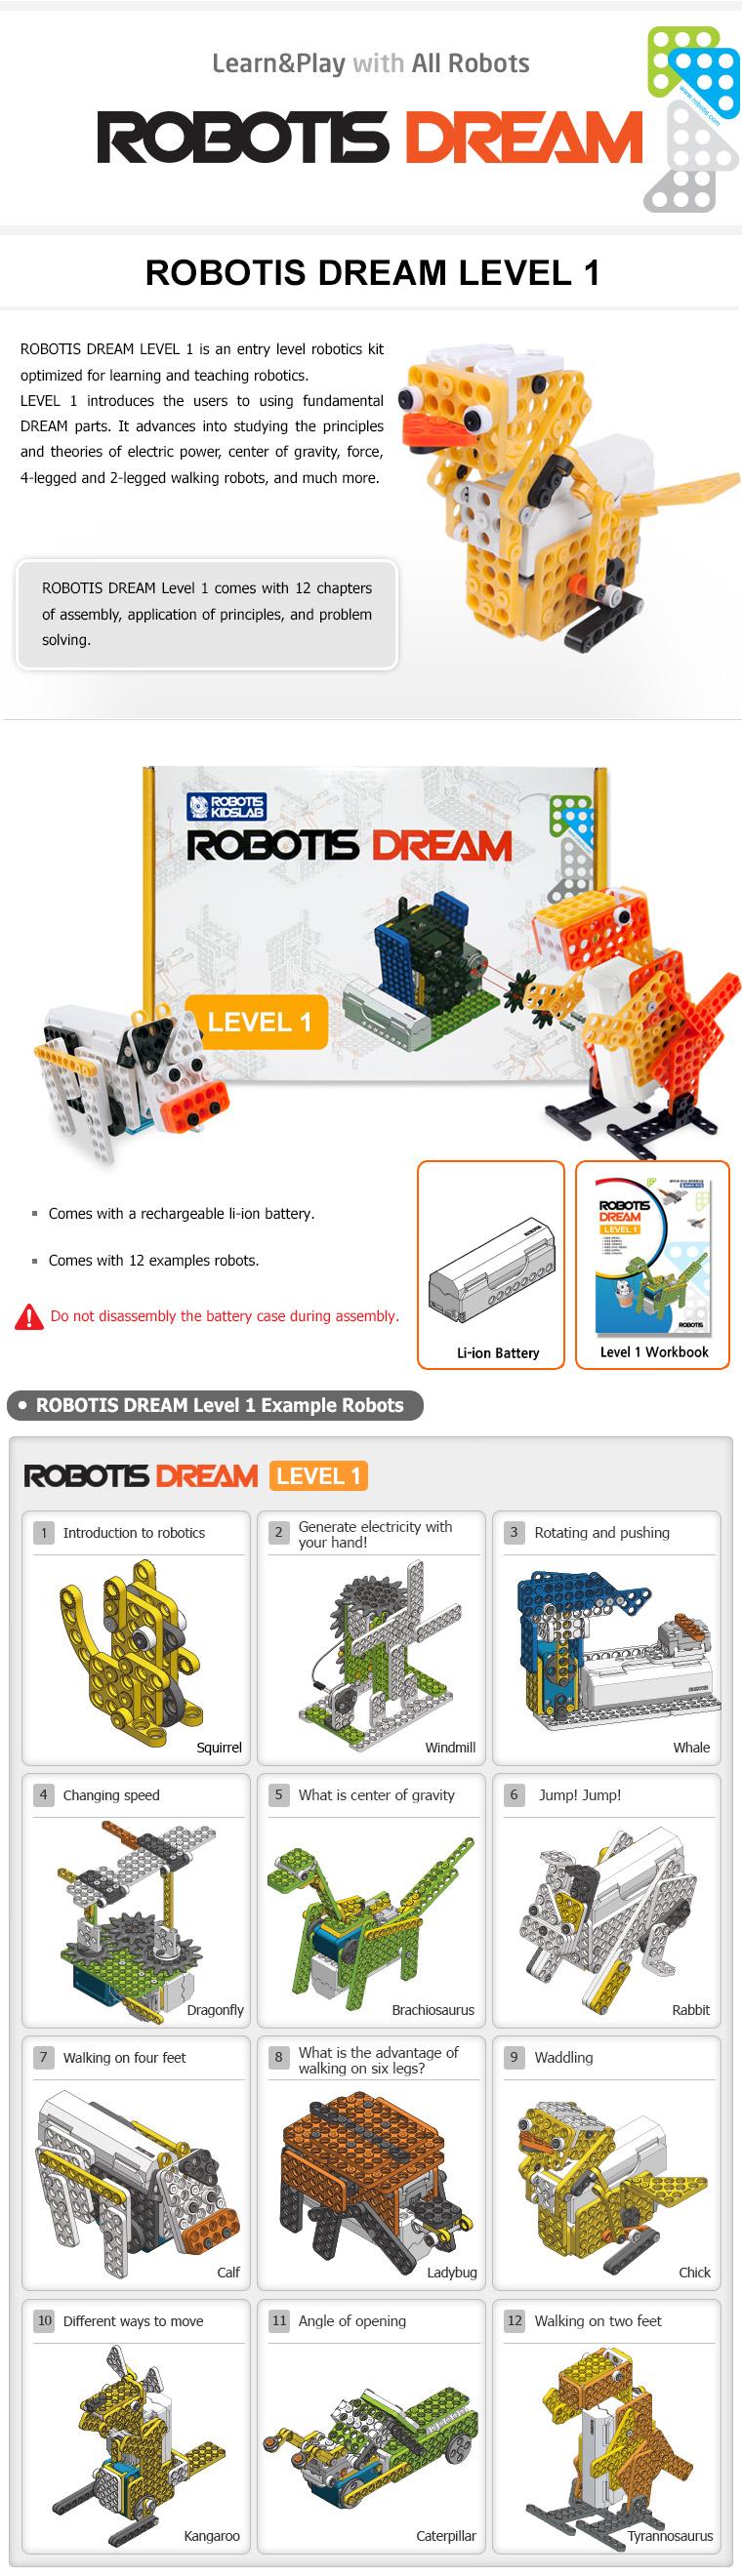 robotis dream 1